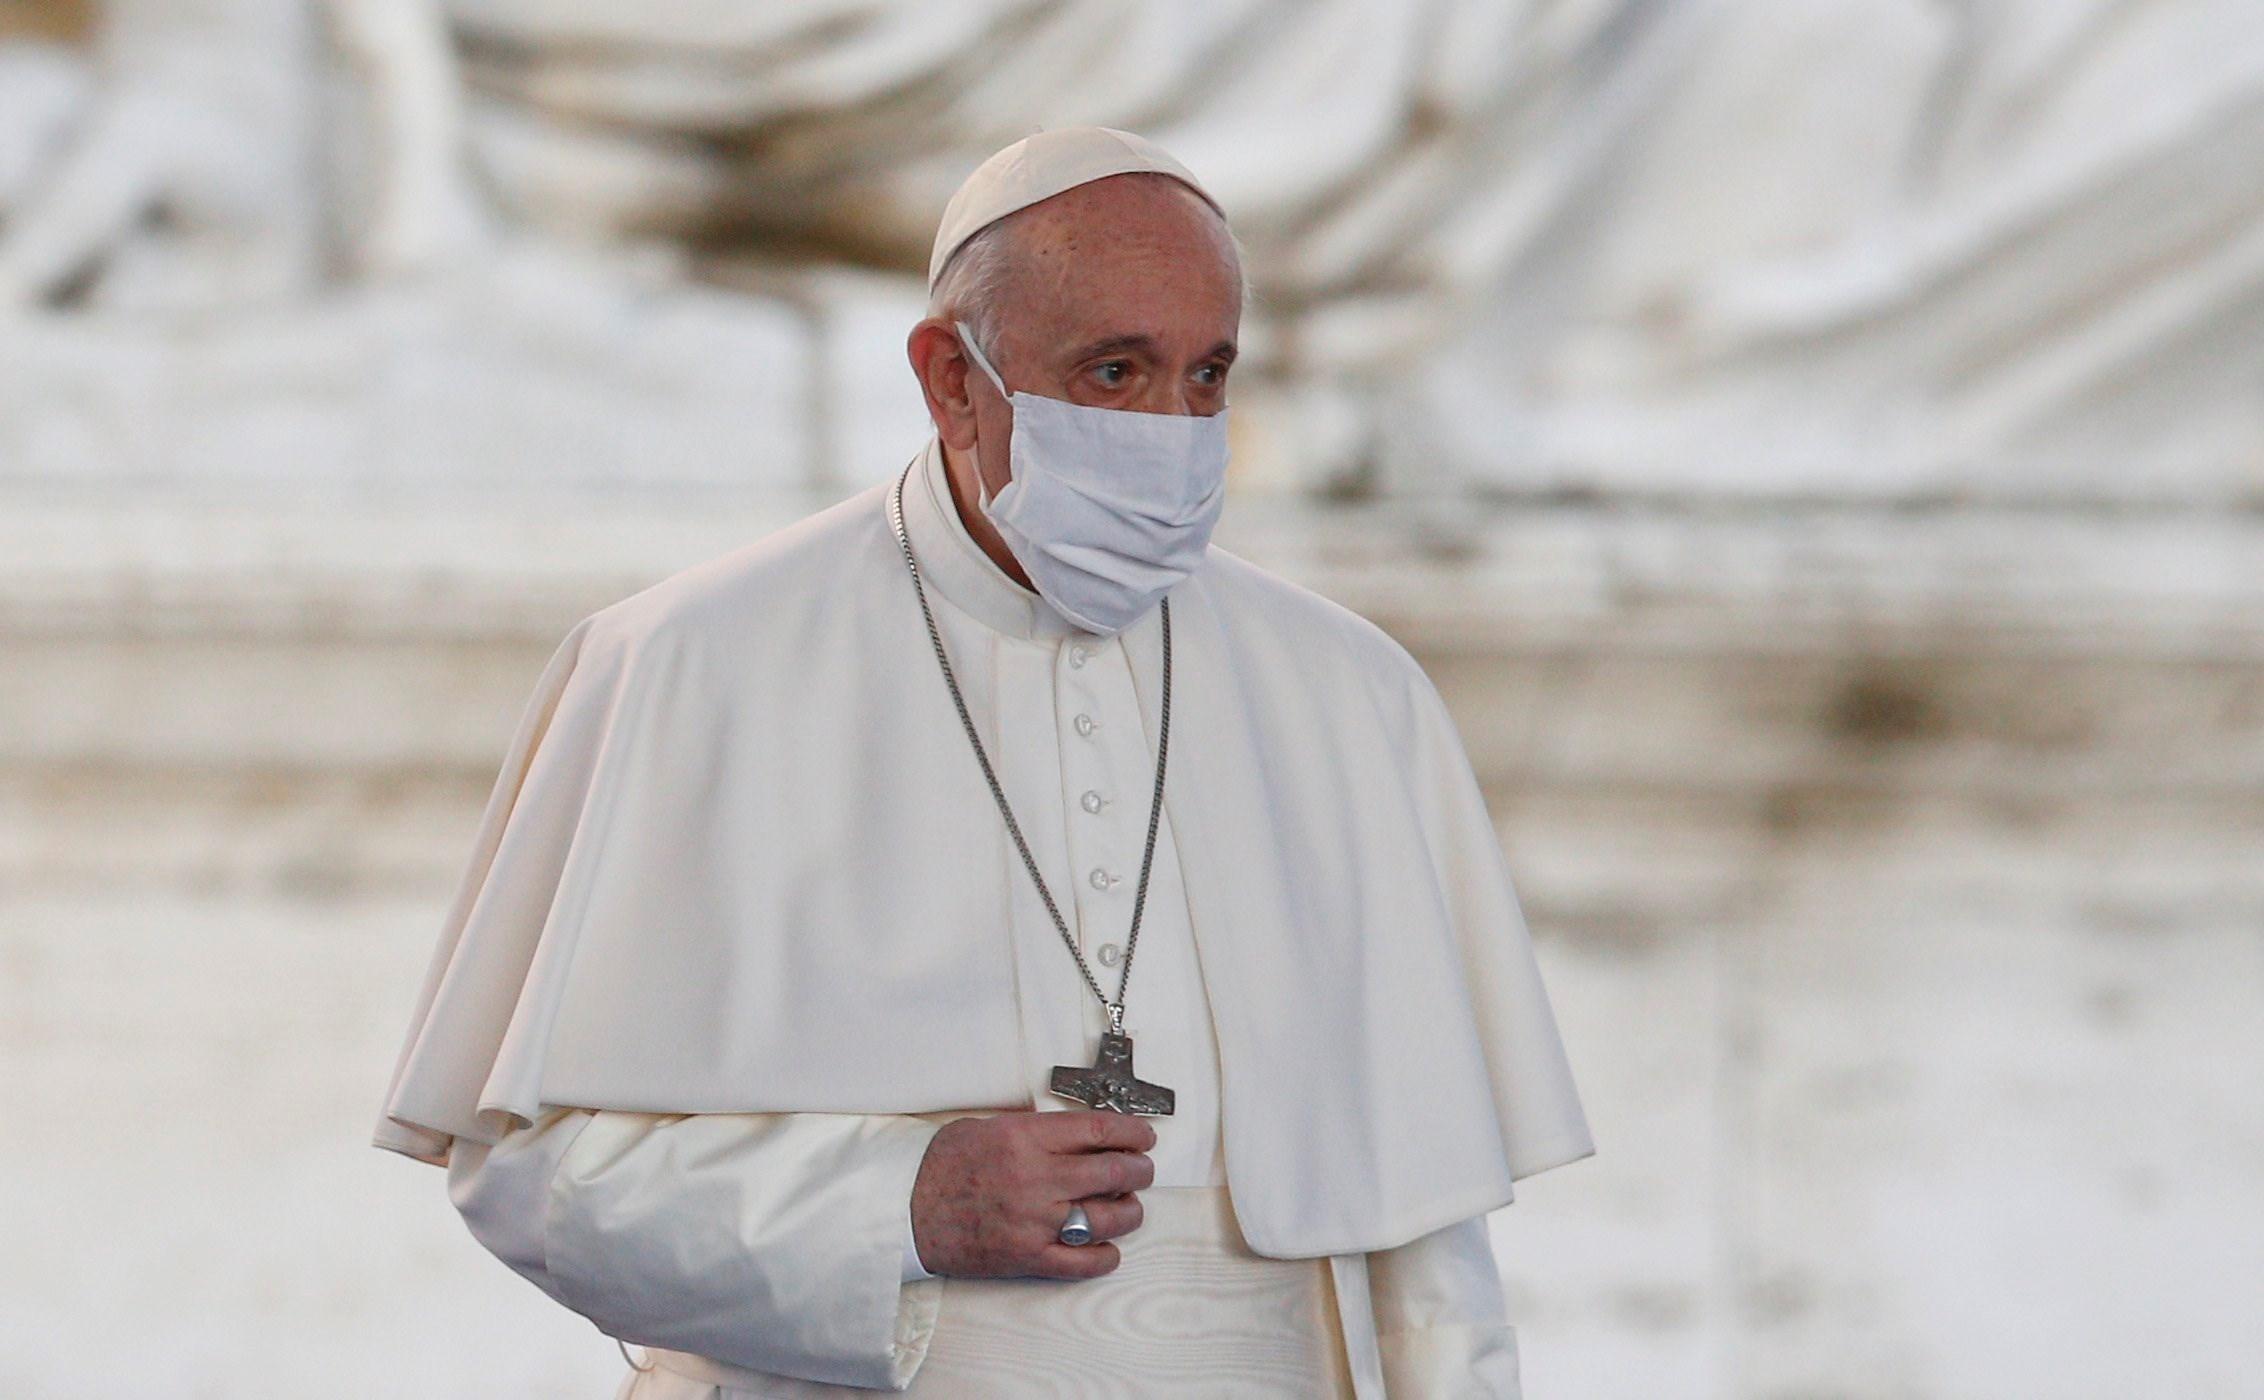 البابا فرانسيس مرتدياً قناعاً للوقاية من كورونا أثناء حضوره لقاءً للصلاة من أجل السلام في روما - 20 أكتوبر 2020 (أ.ف.ب)